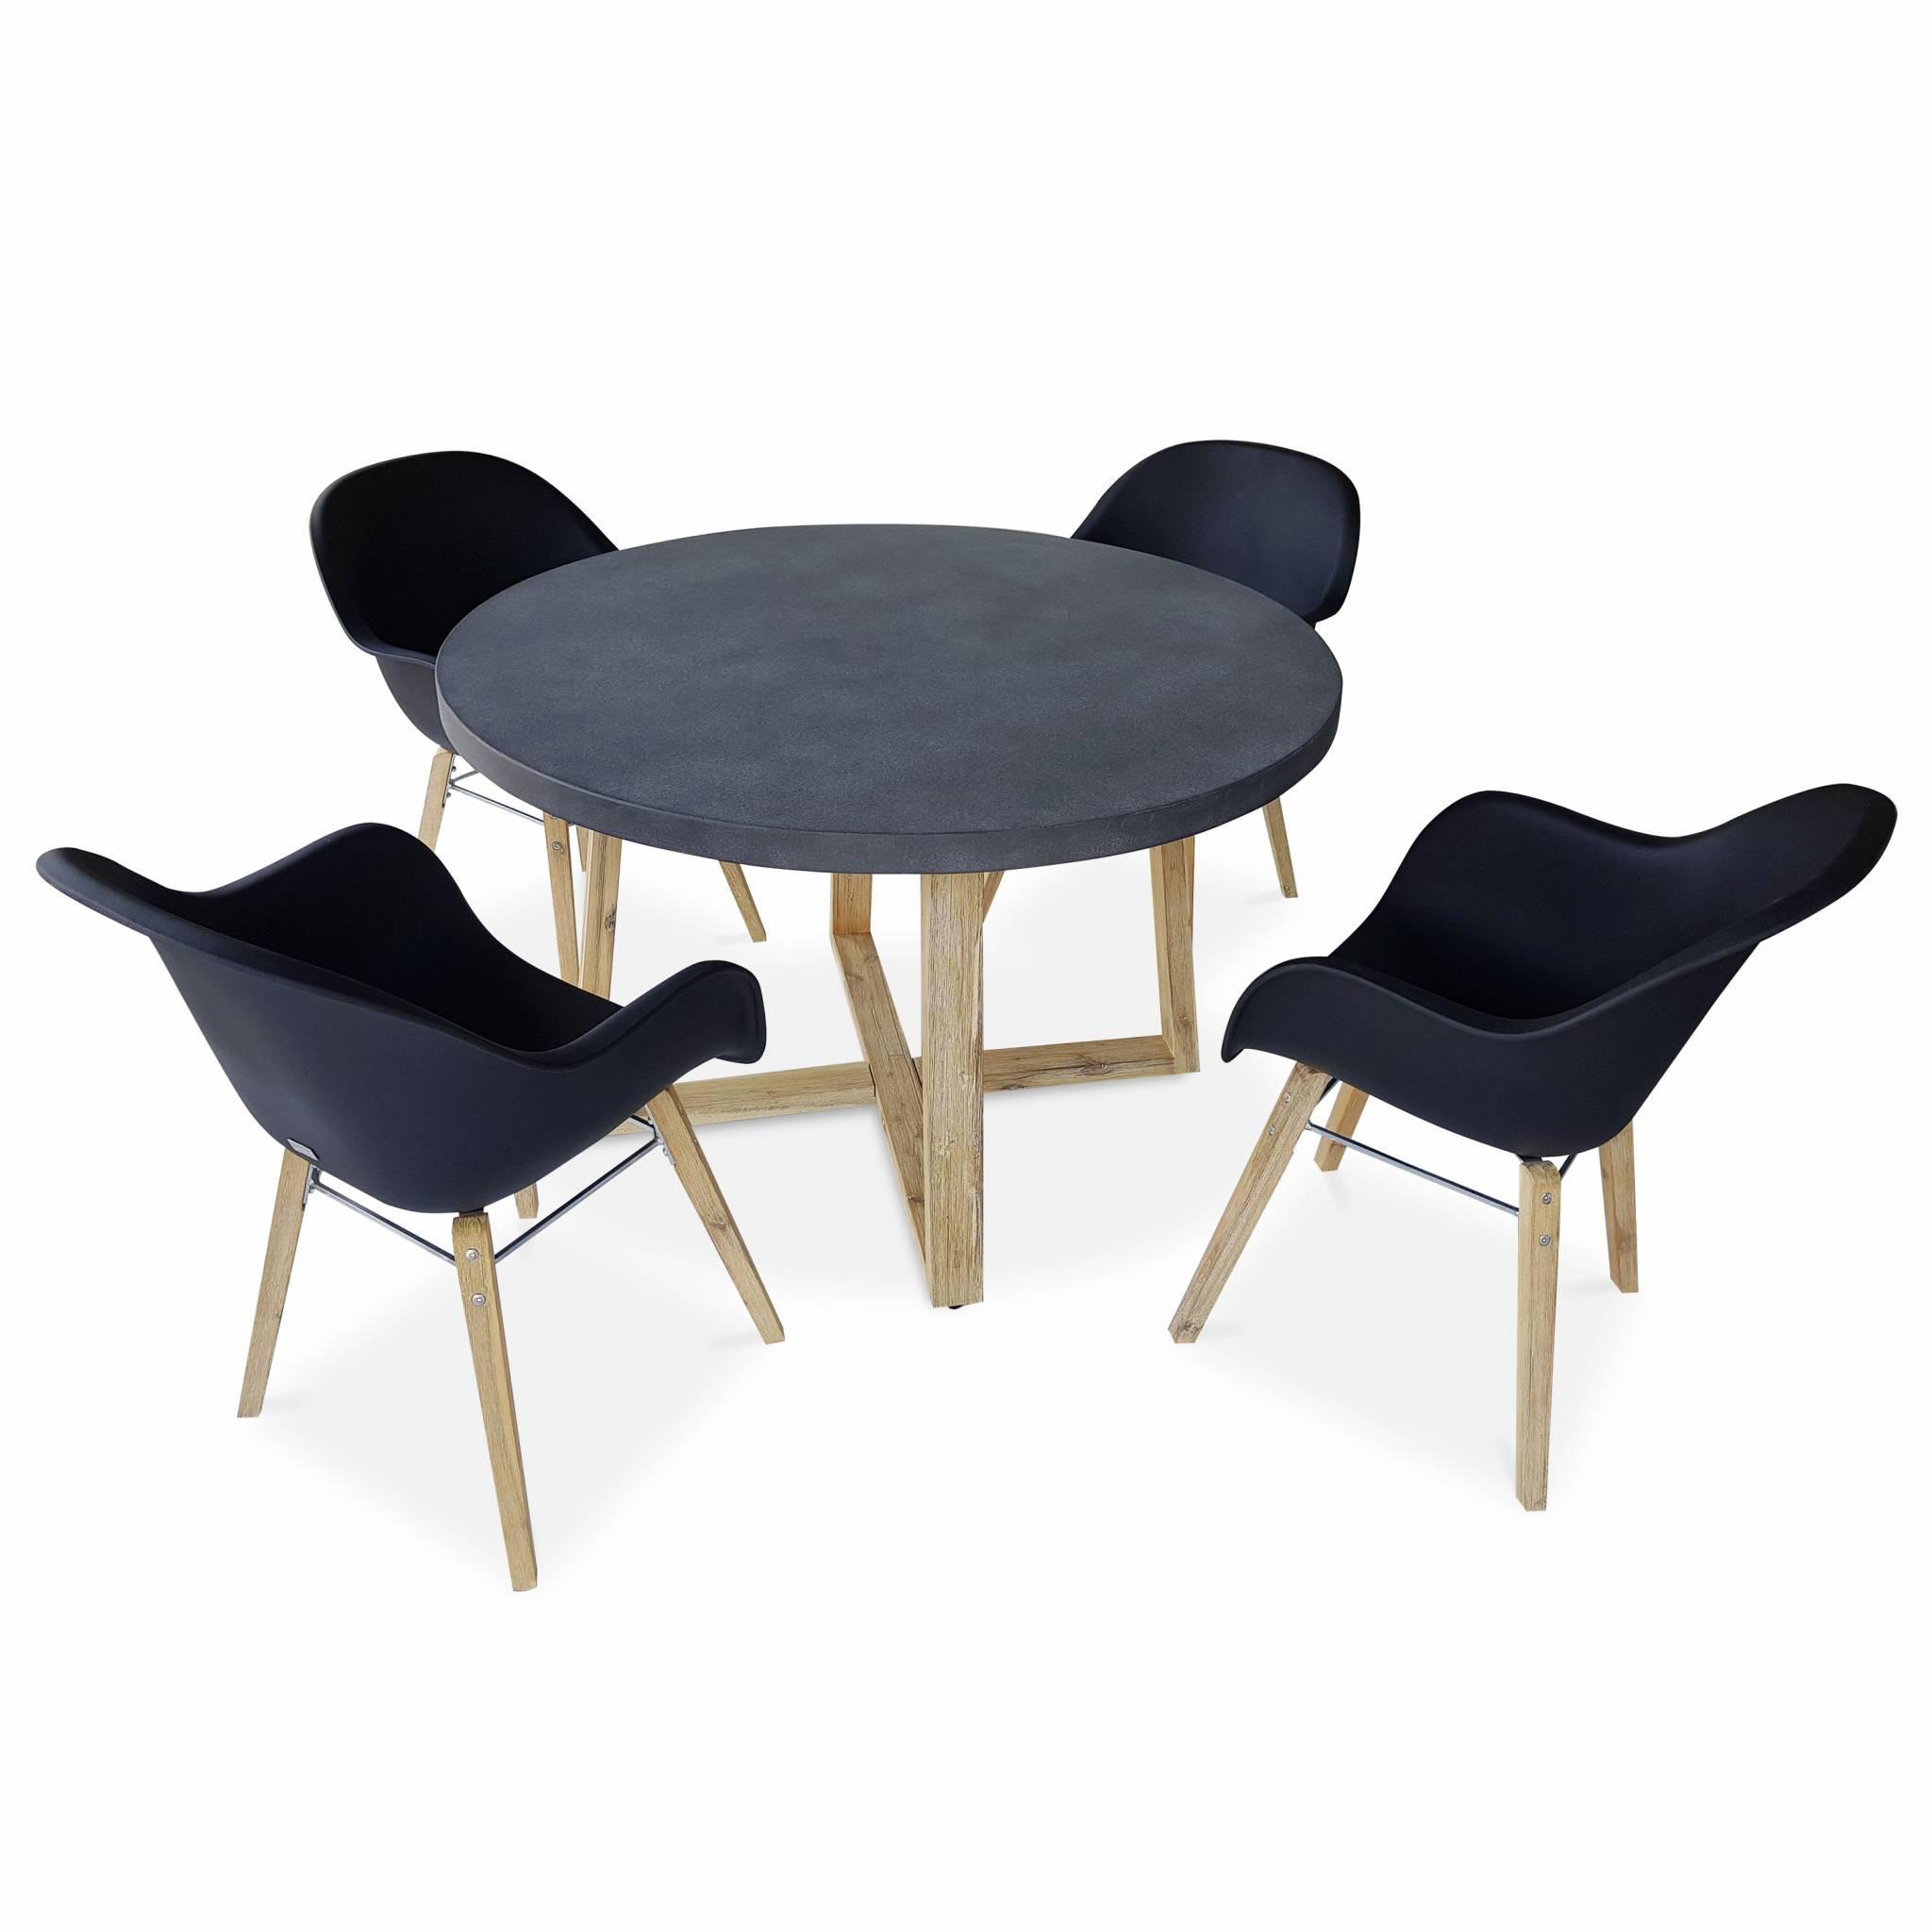 Table ronde 4 places et fauteuils scandinaves anthracites